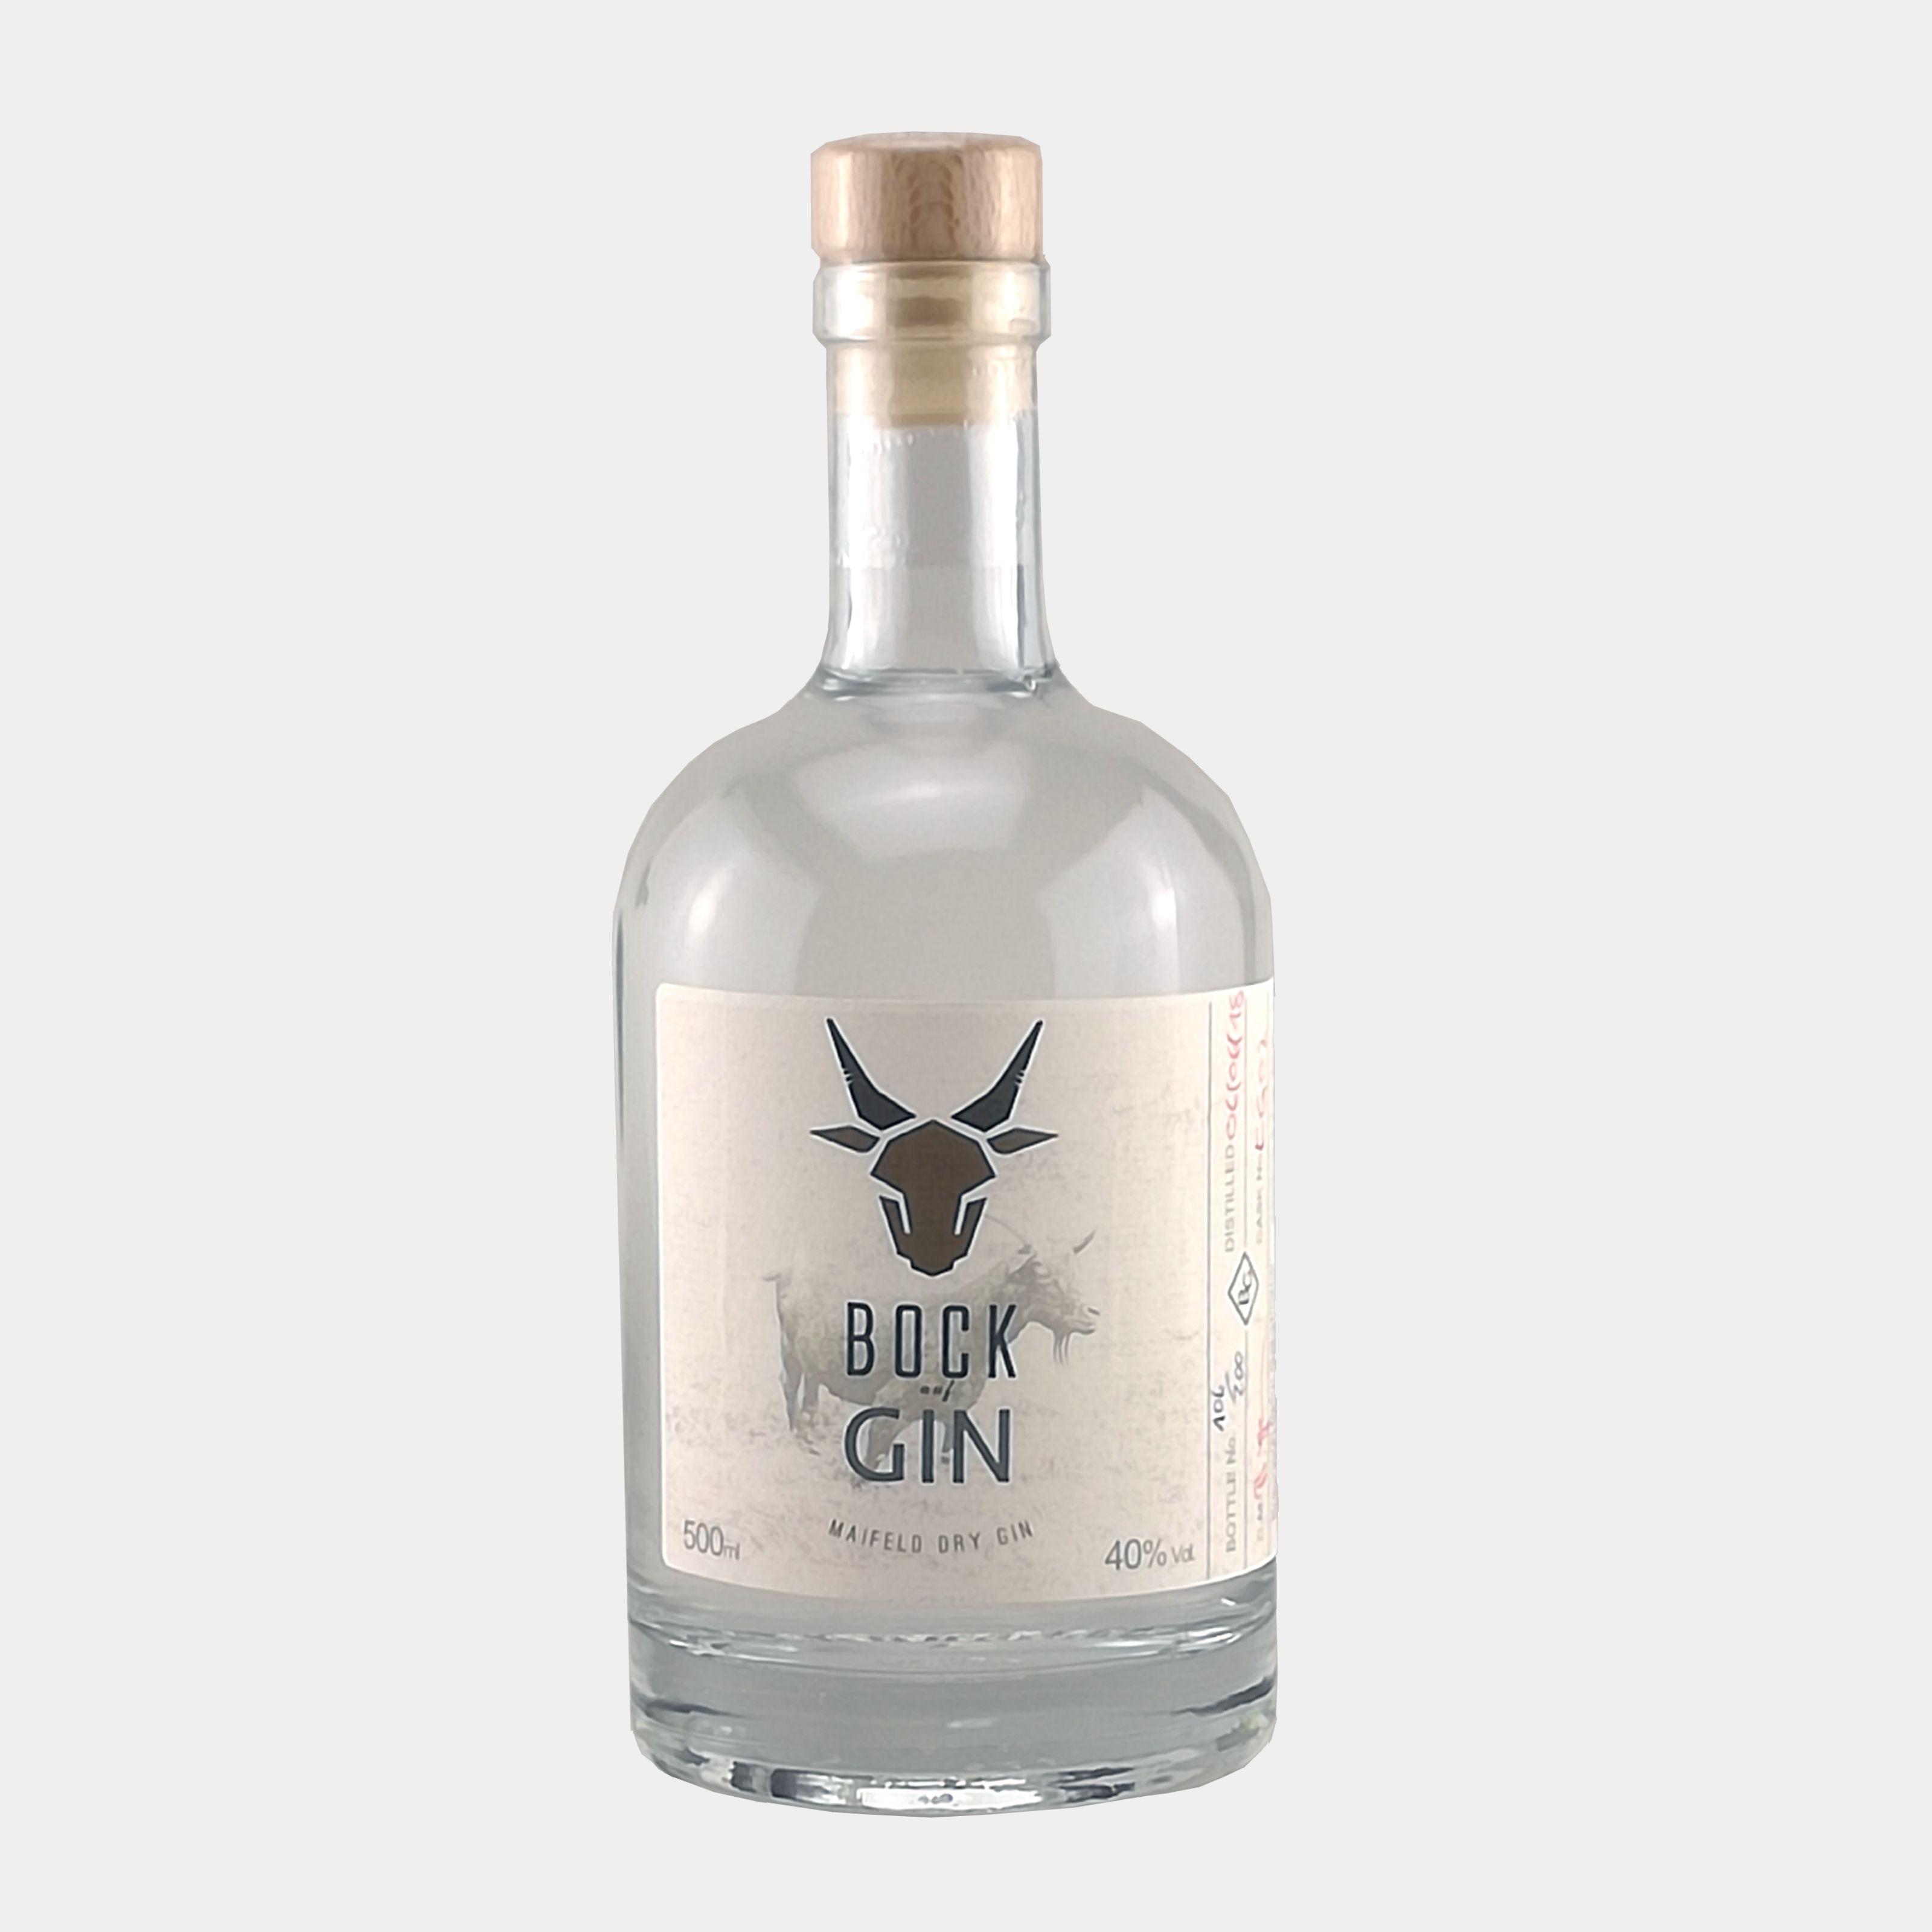 Bock Gin 0.5l 40% Alk.